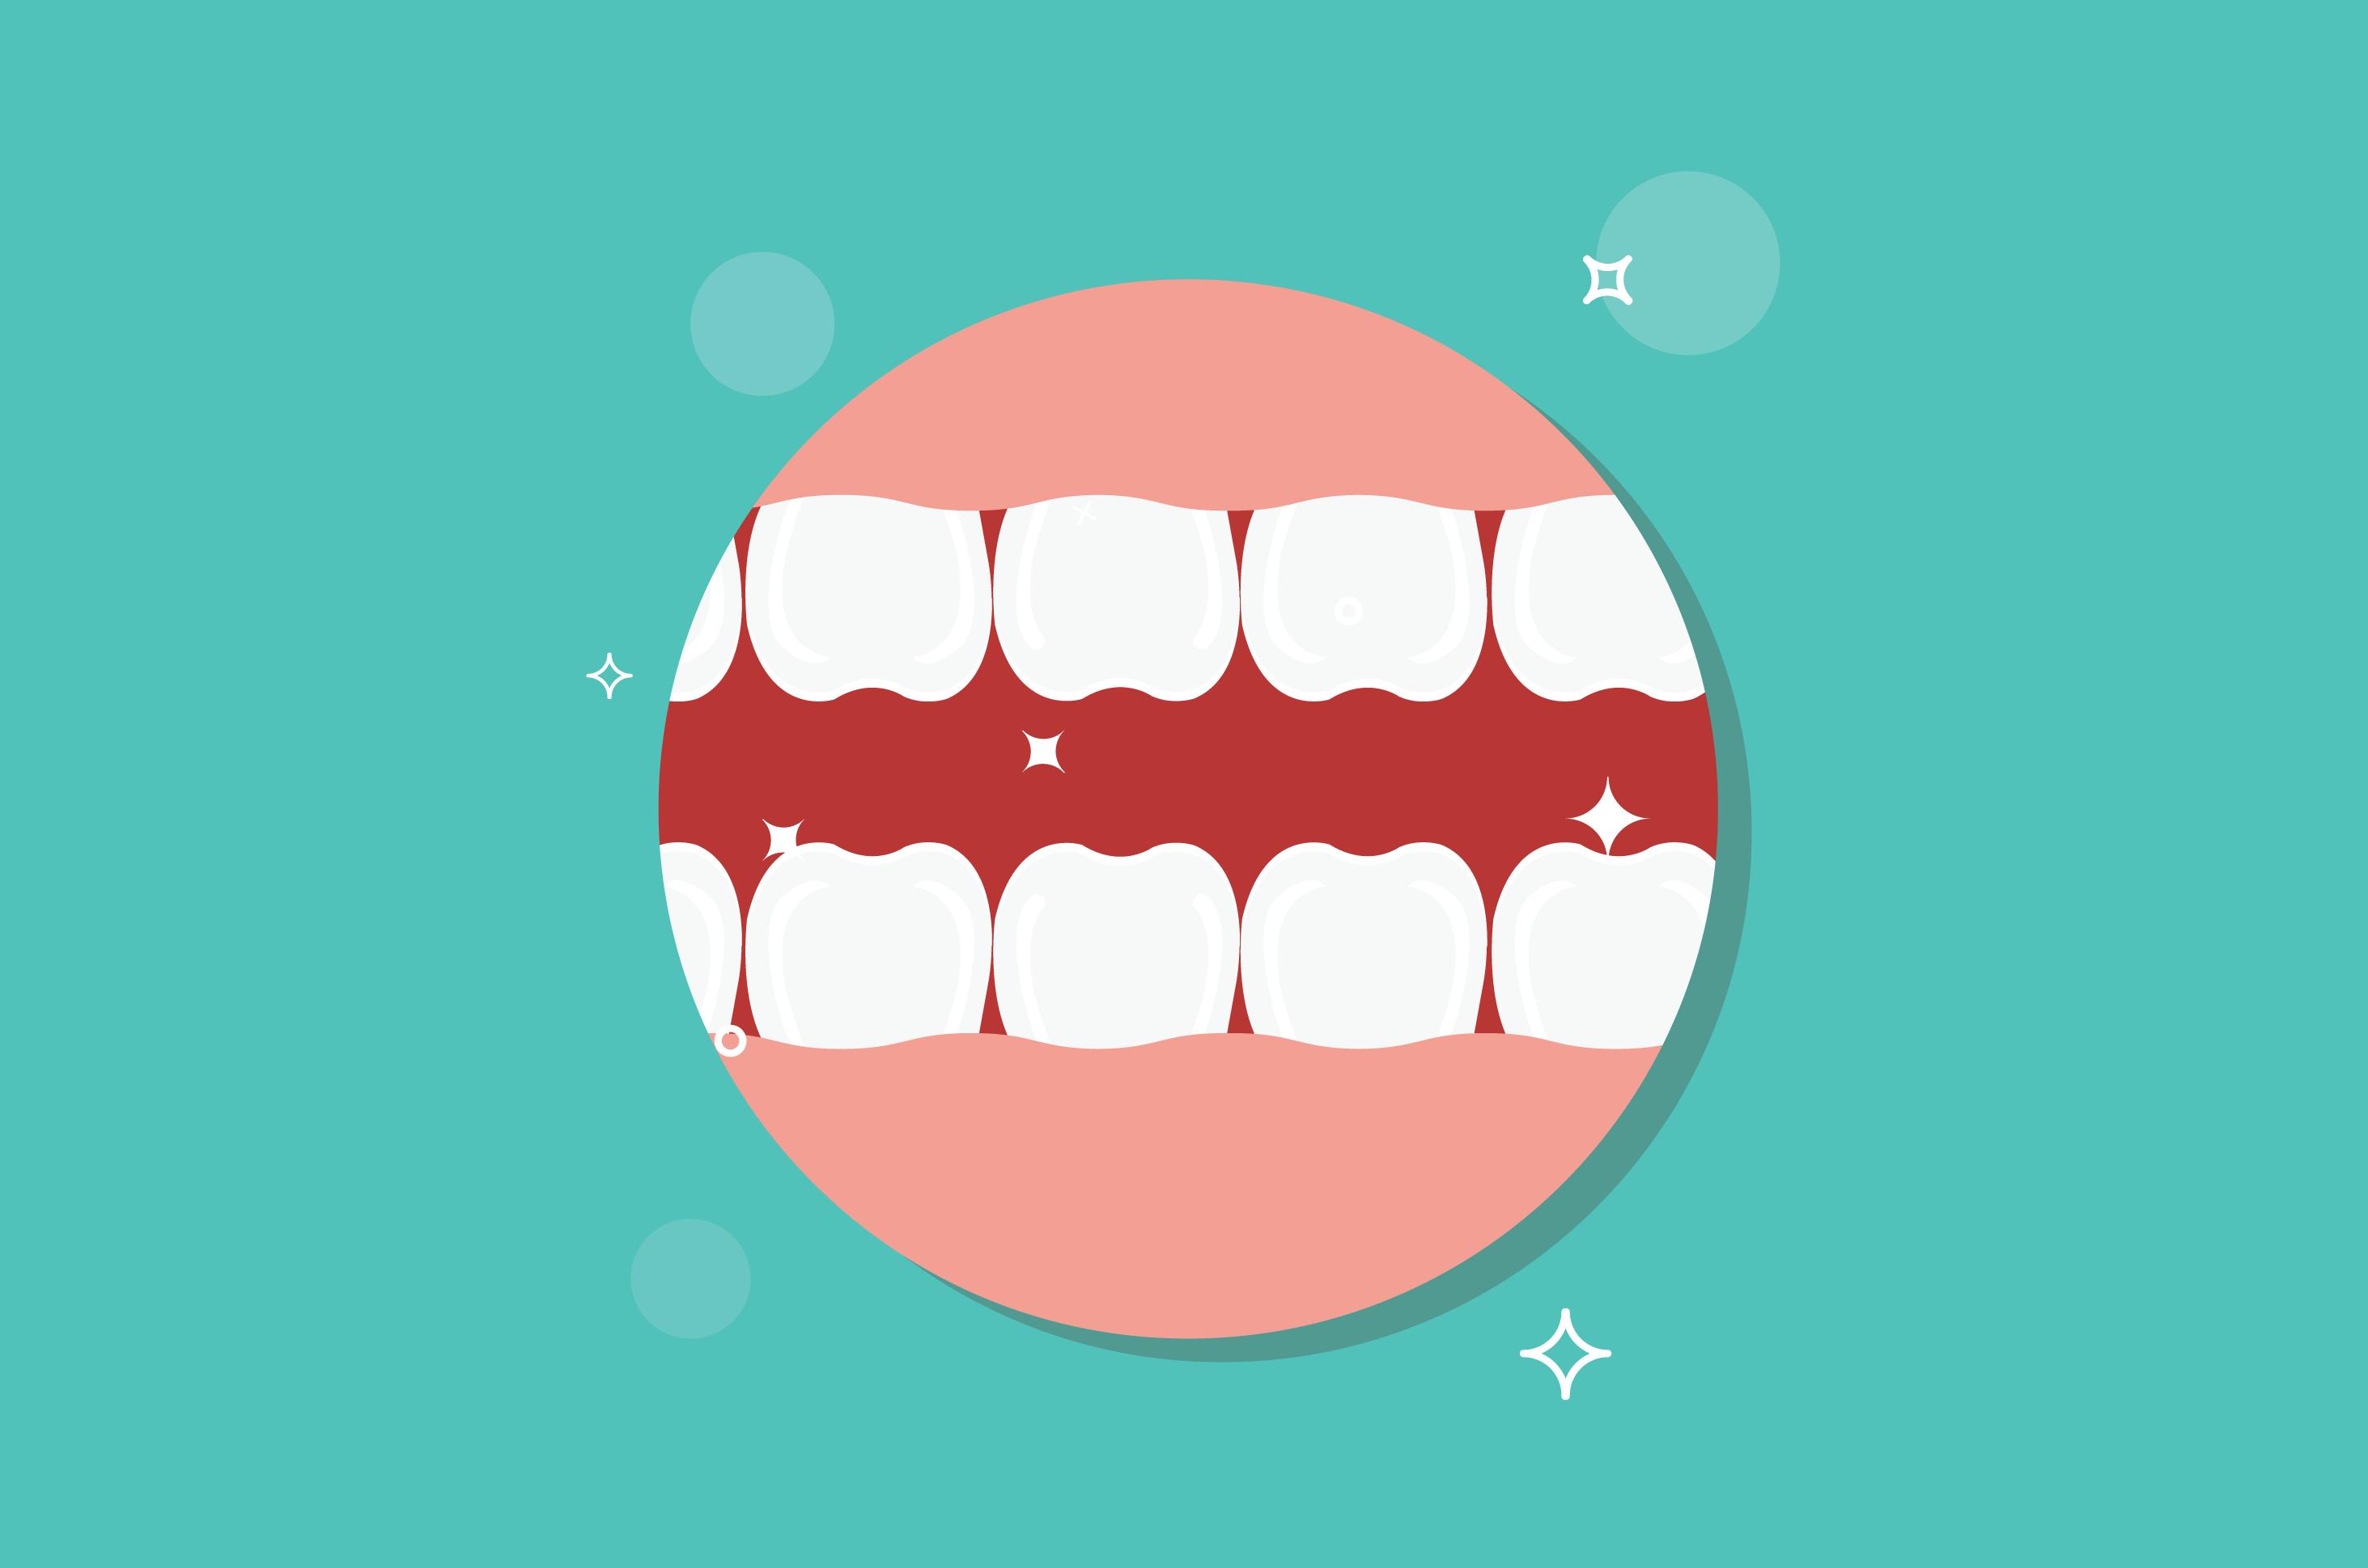 5 hal ini bisa menyebabkan abses gigi